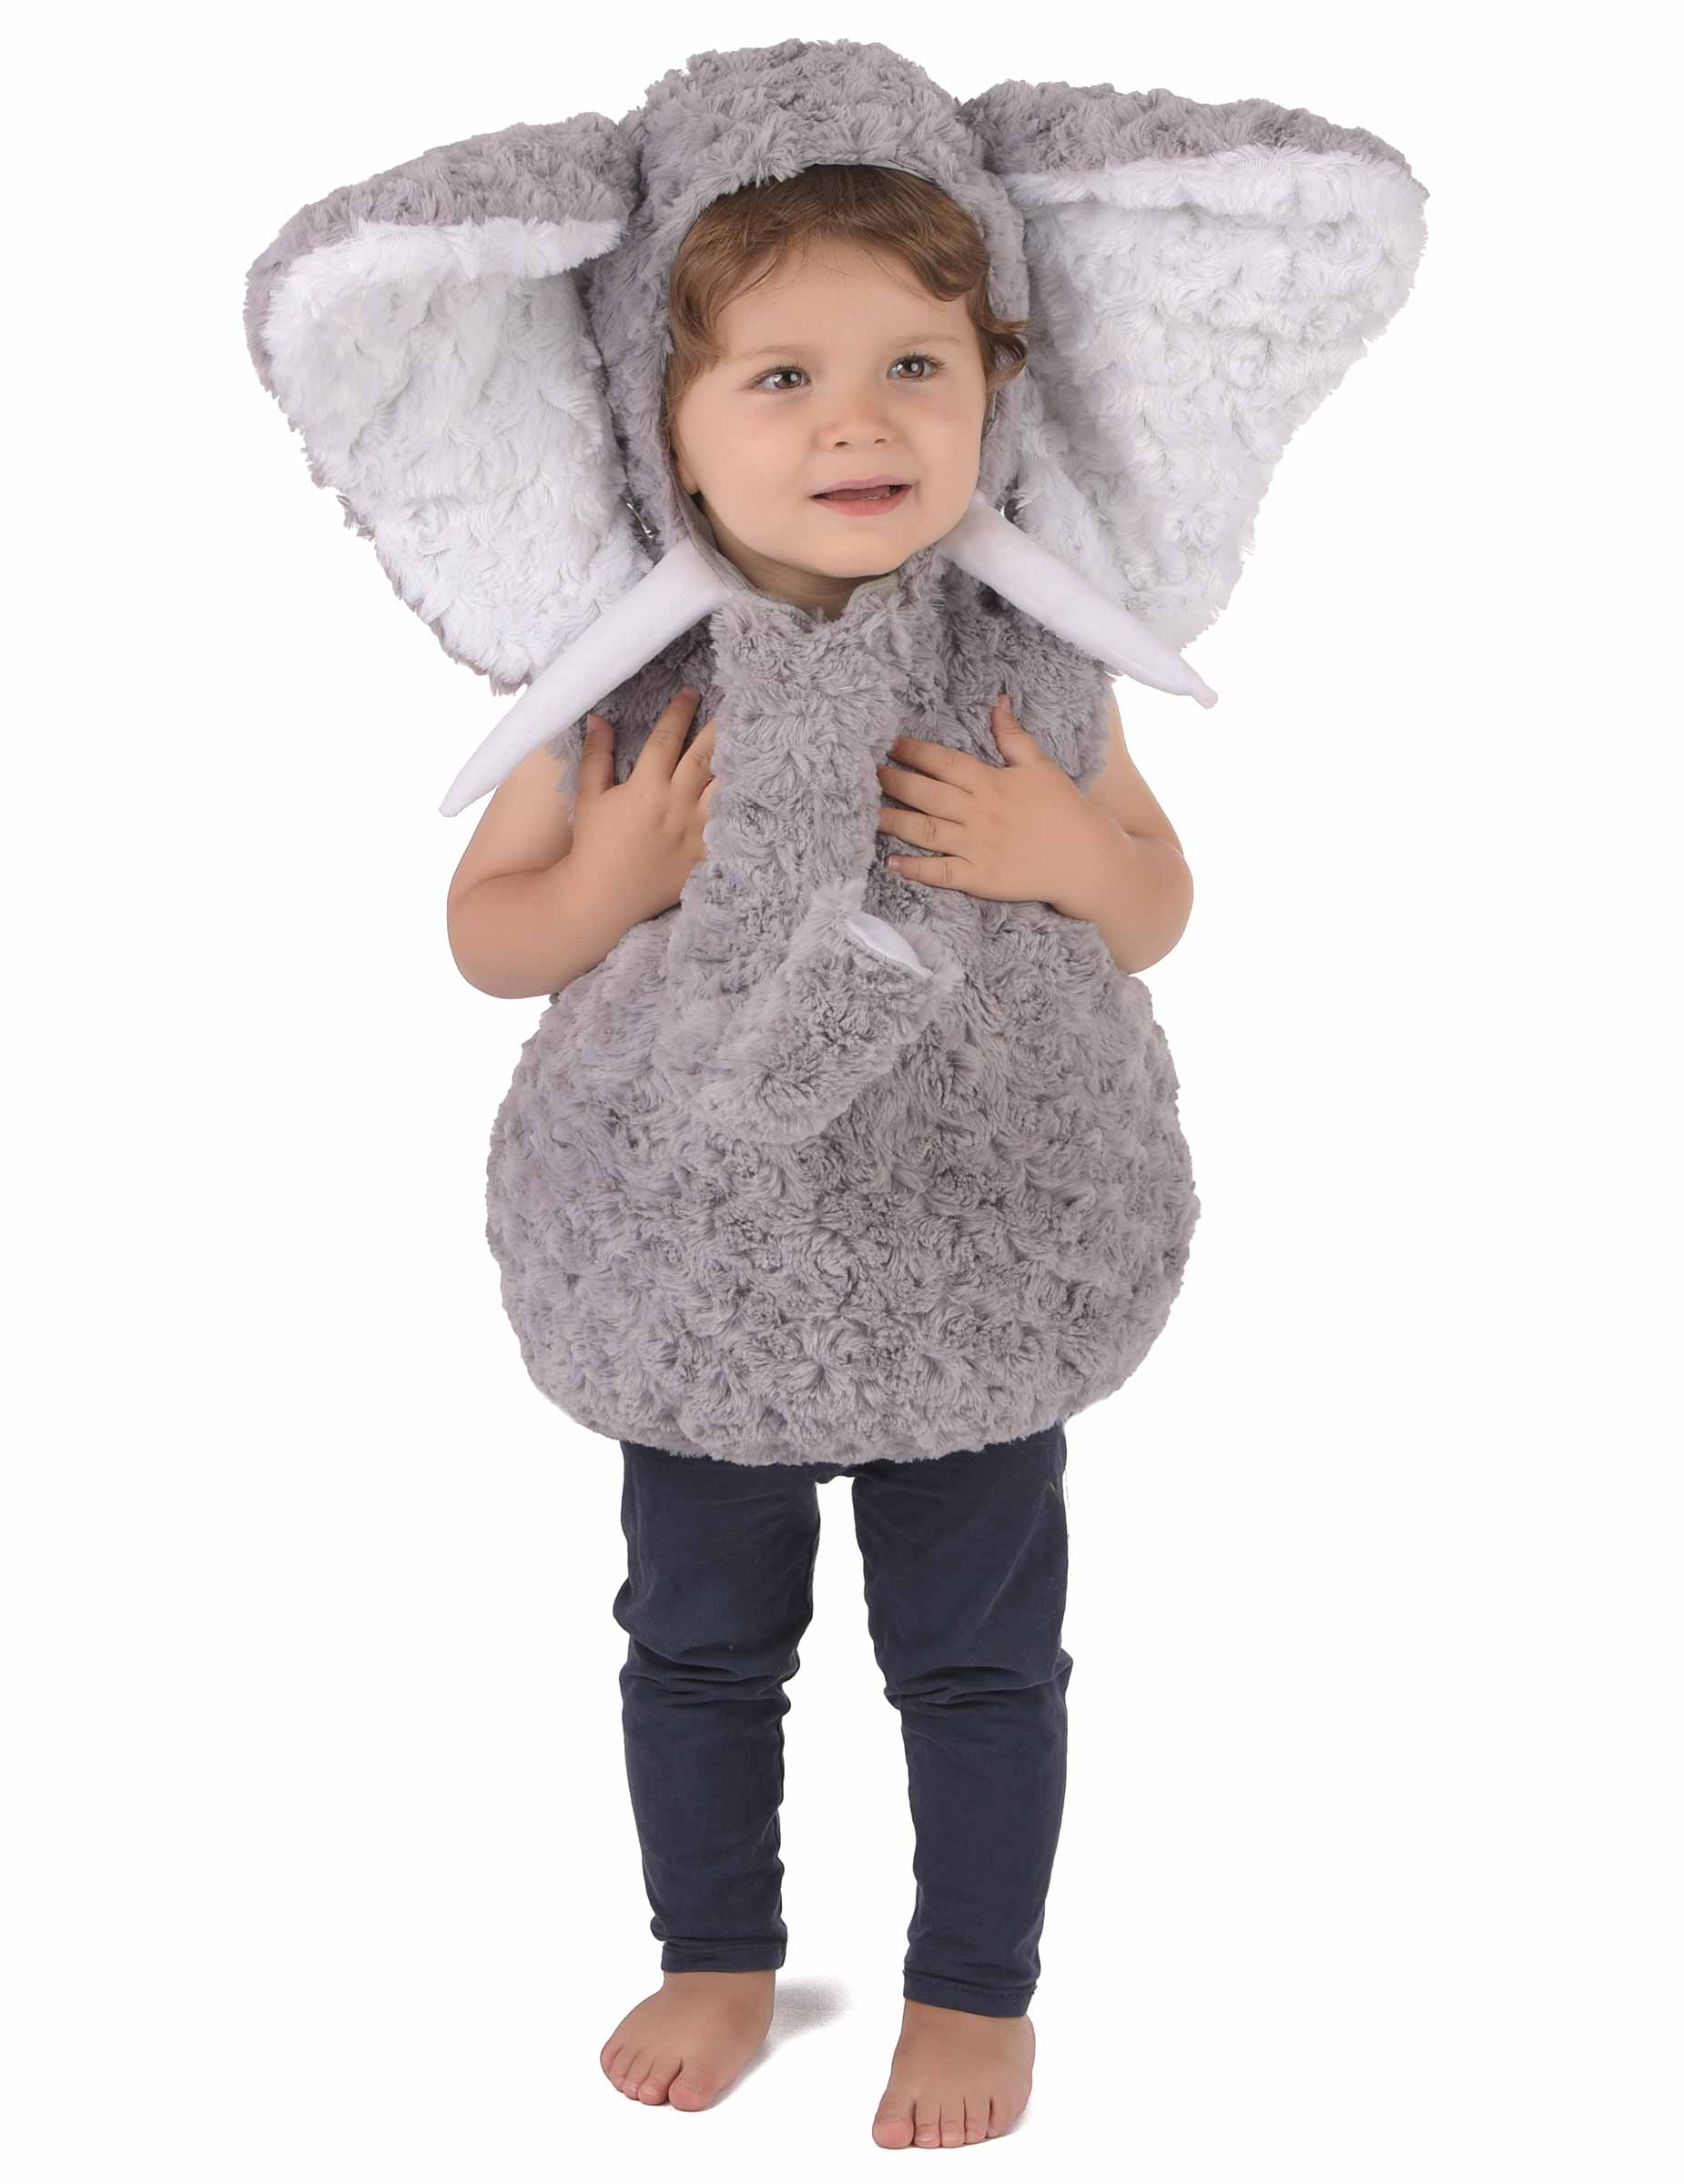 Déguisements bébé et nouveau-né au meilleur prix sur Deguisetoi 1ed9eb3f23e